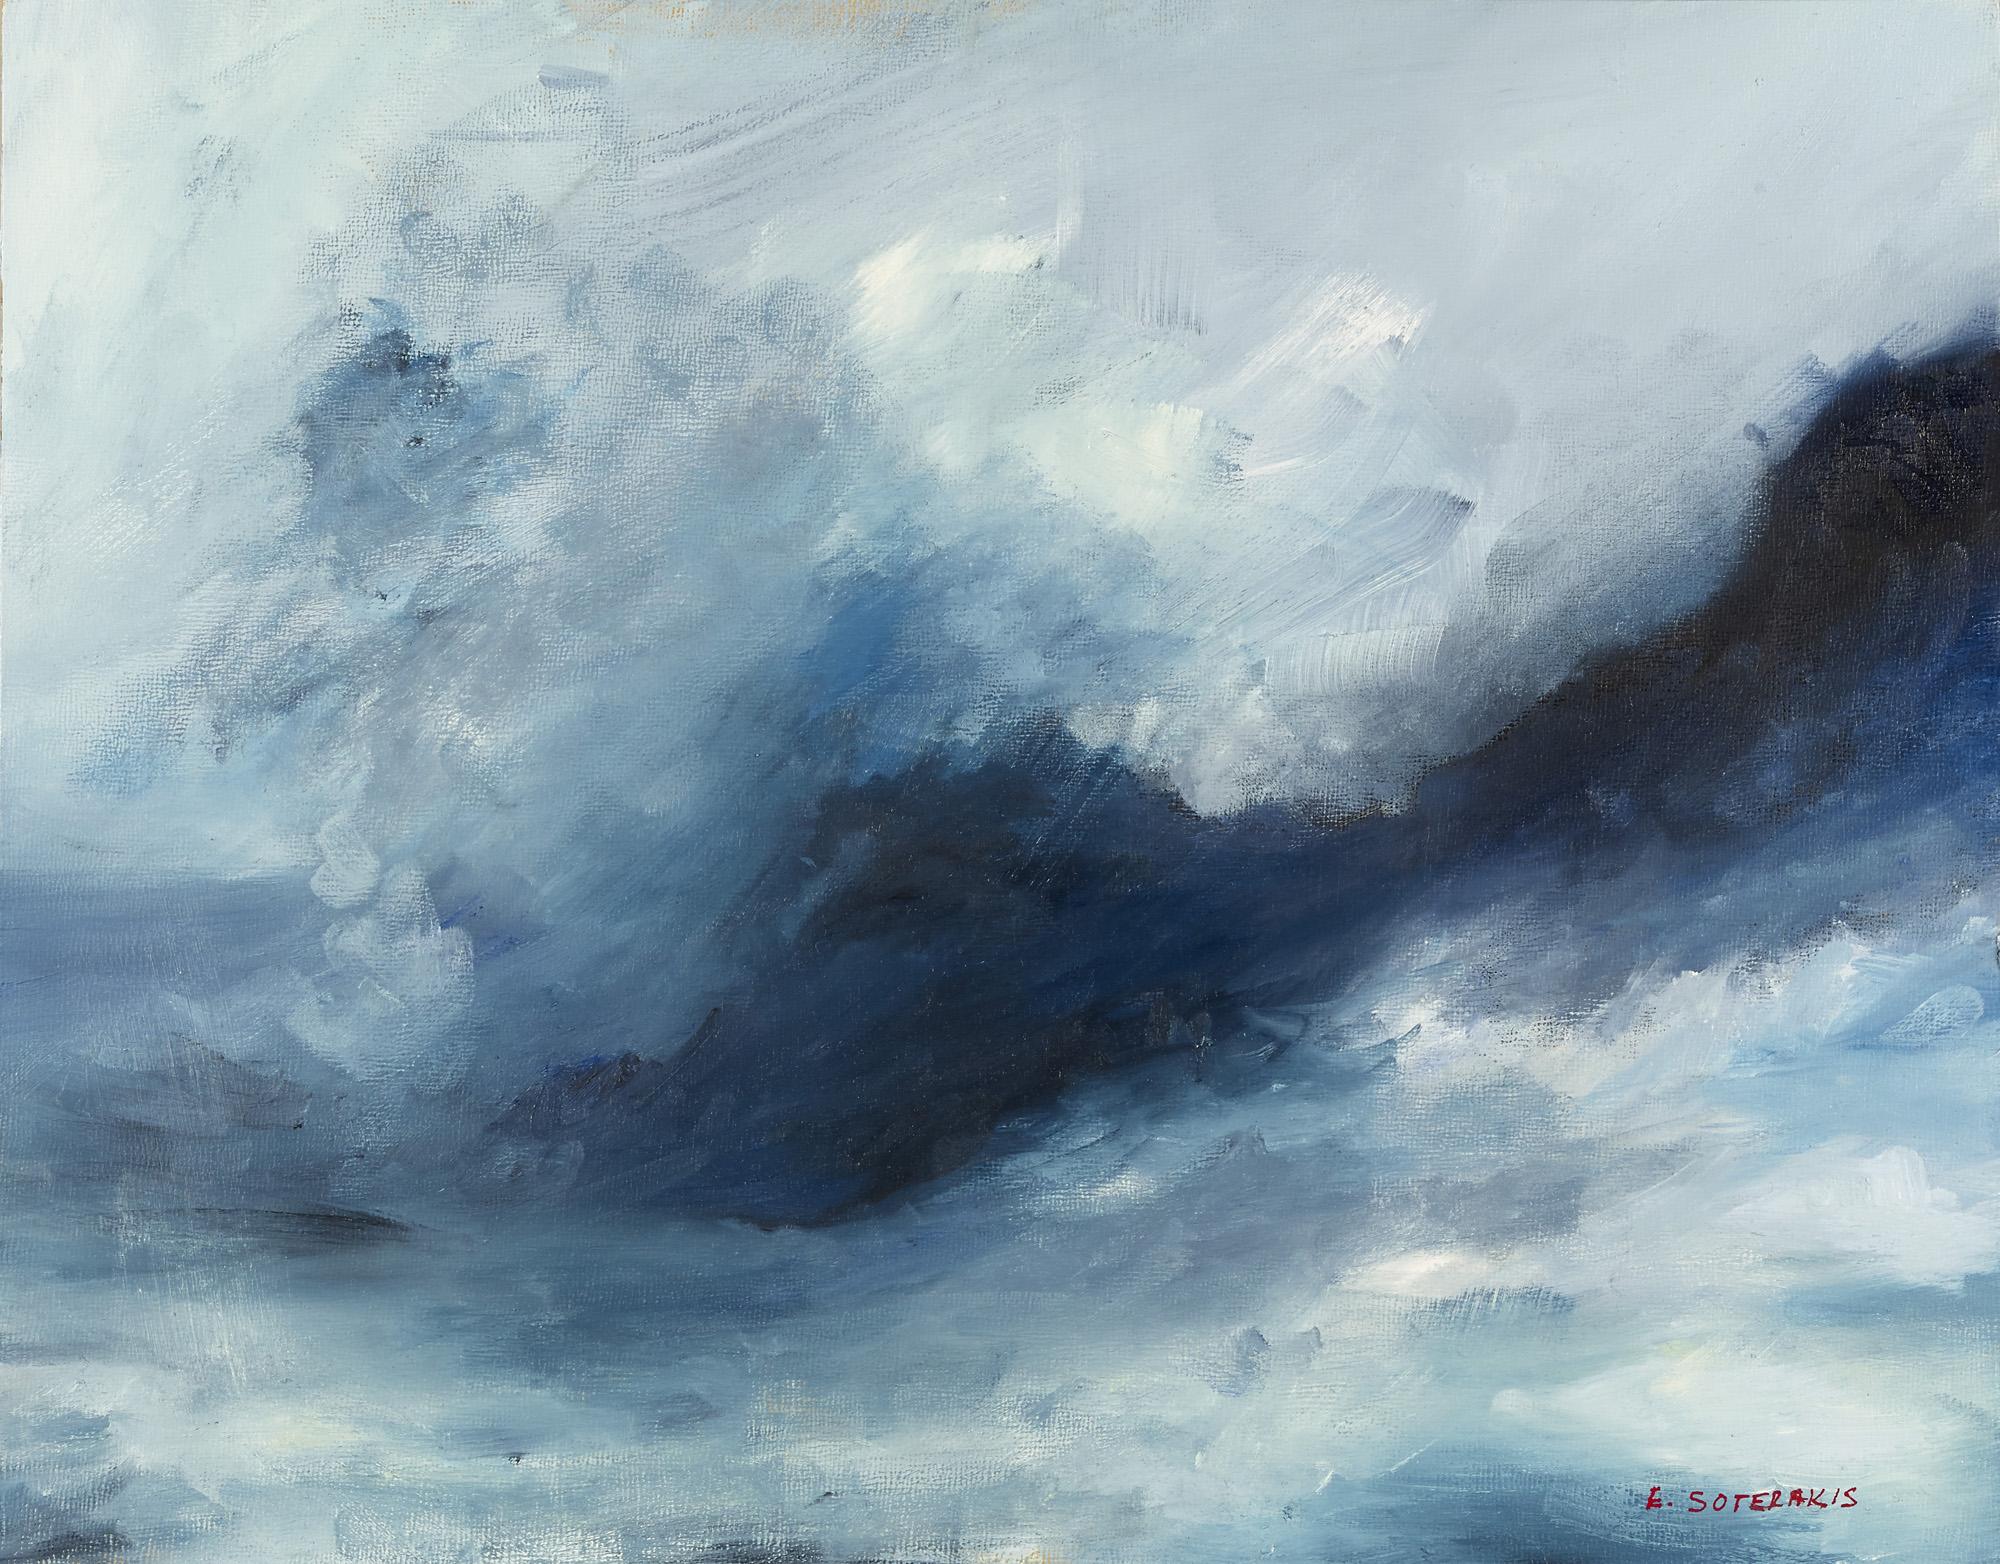 Tumultuous Seas, #4, 2013 oil on panel 9 x 12 in.